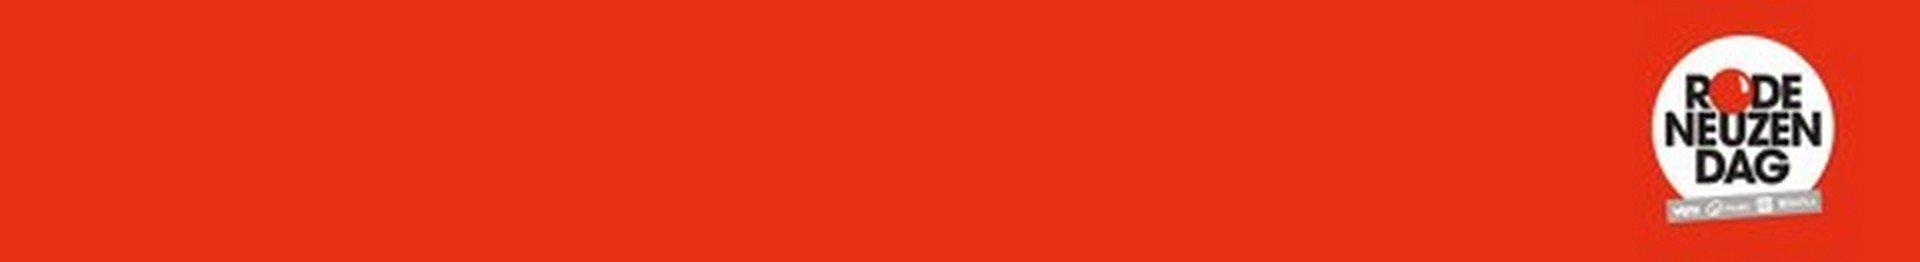 Kleurt Vlaanderen helemaal rood - Logo Rode Neuzen Dag